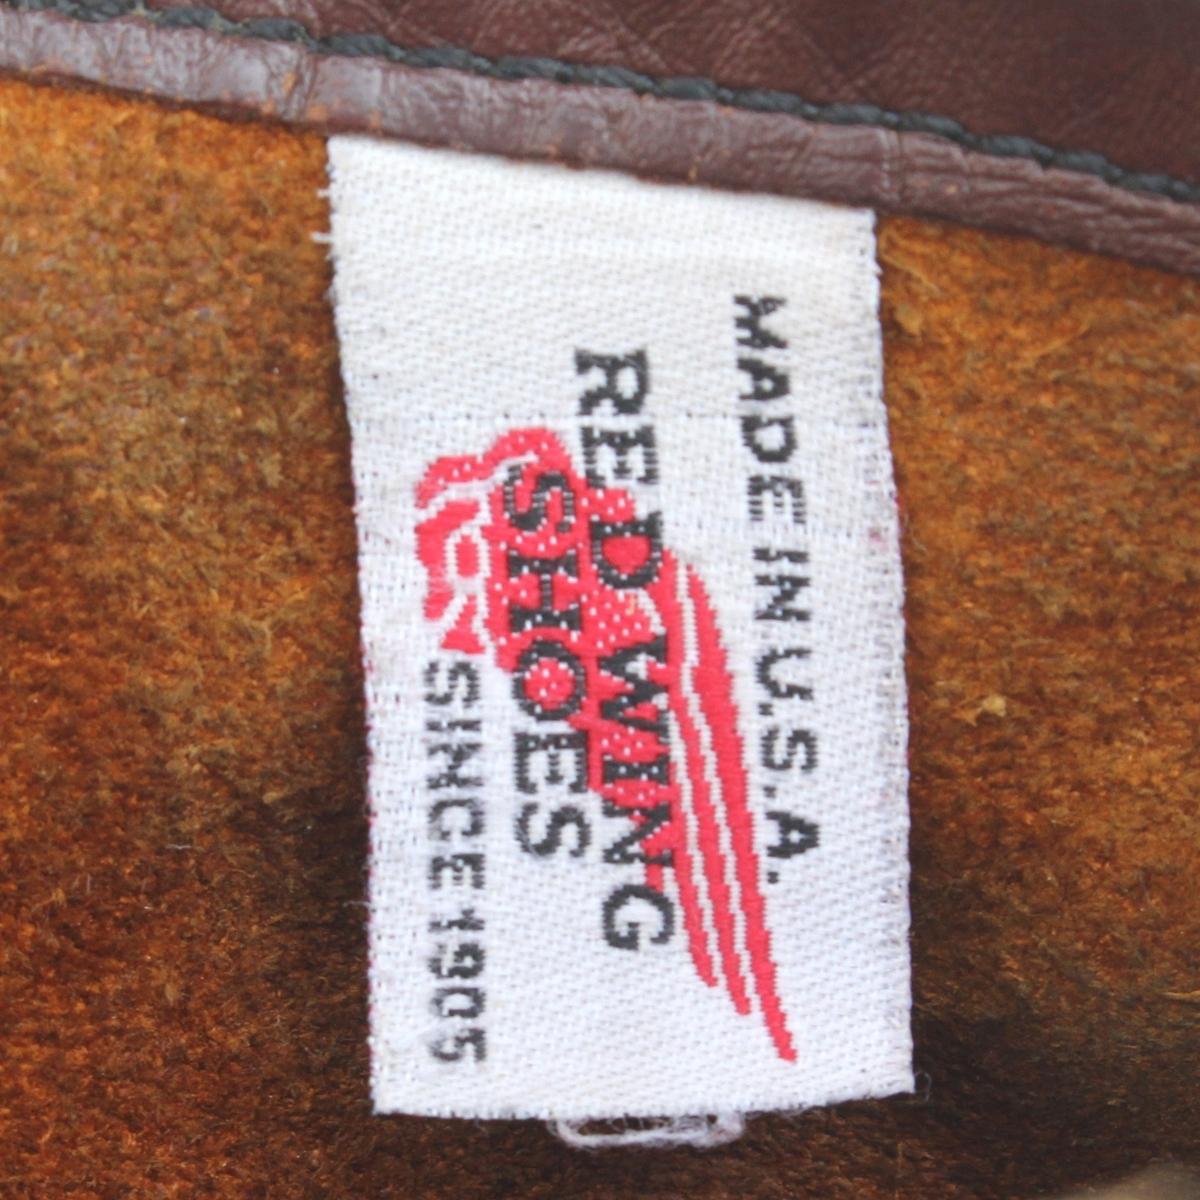 【SALE】REDWING875レッドウィング8.5E 26.5cm (サイド羽タグ縦羽タグ アイリッシュセッター モックトゥ犬刻印00年製1円スタート)(yk91065)_画像8